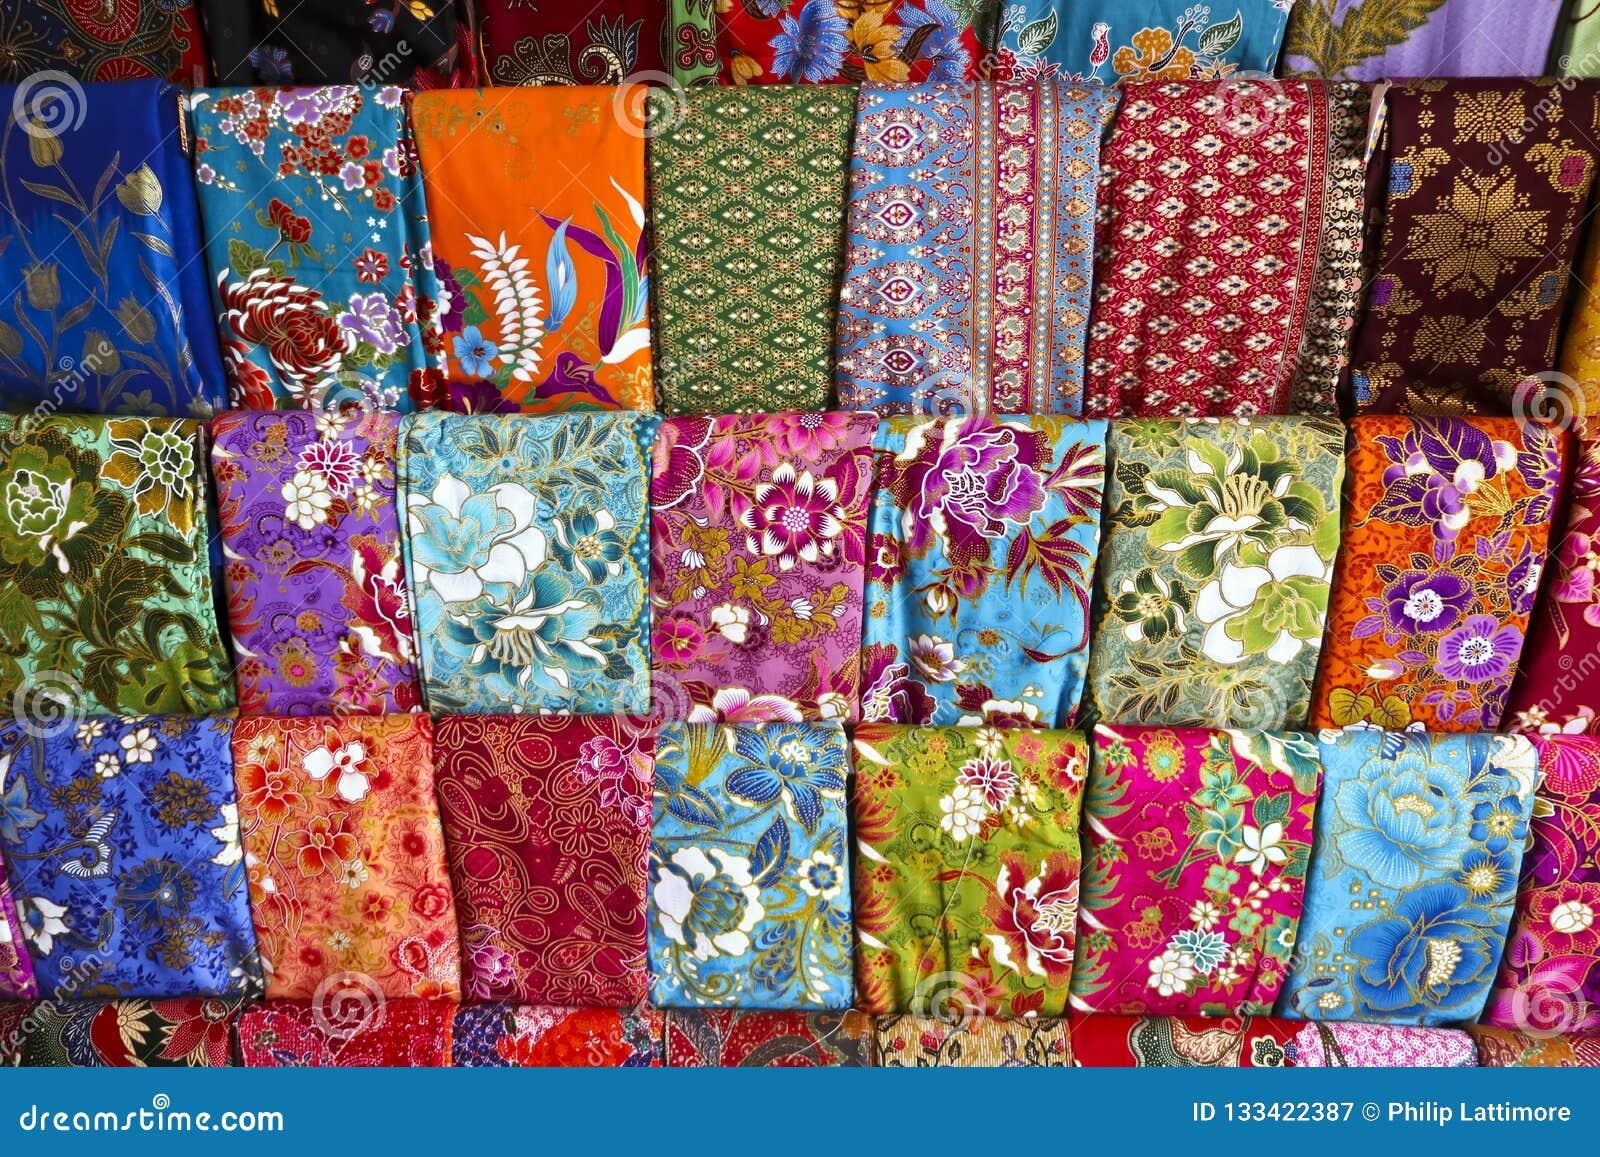 Display of batik fabrics in thailand